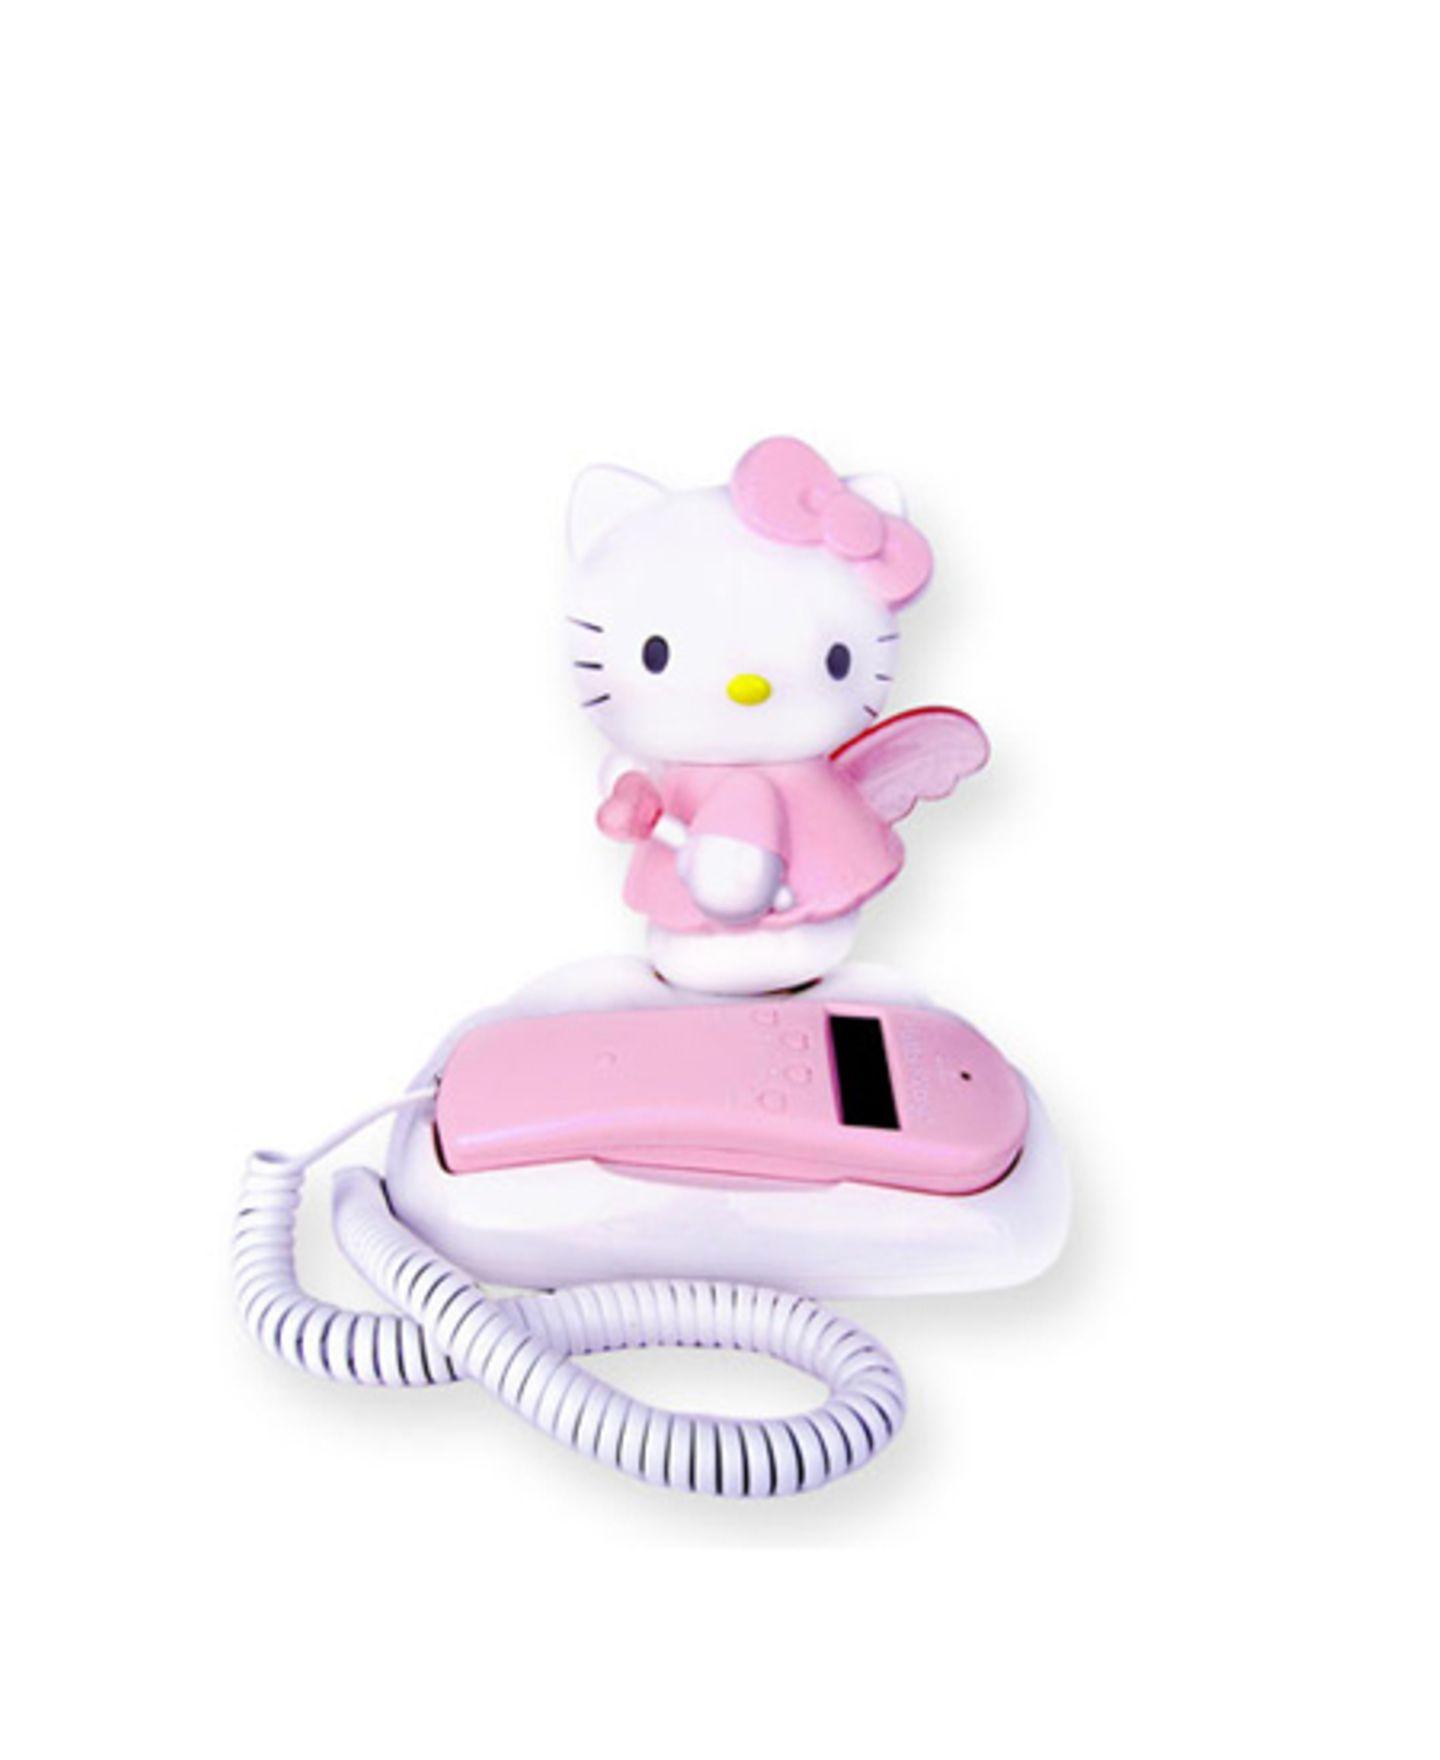 Stylisches Telefon (ja, damit kann man wirklich telefonieren!) von Sanrio-Express, um 45 Euro.